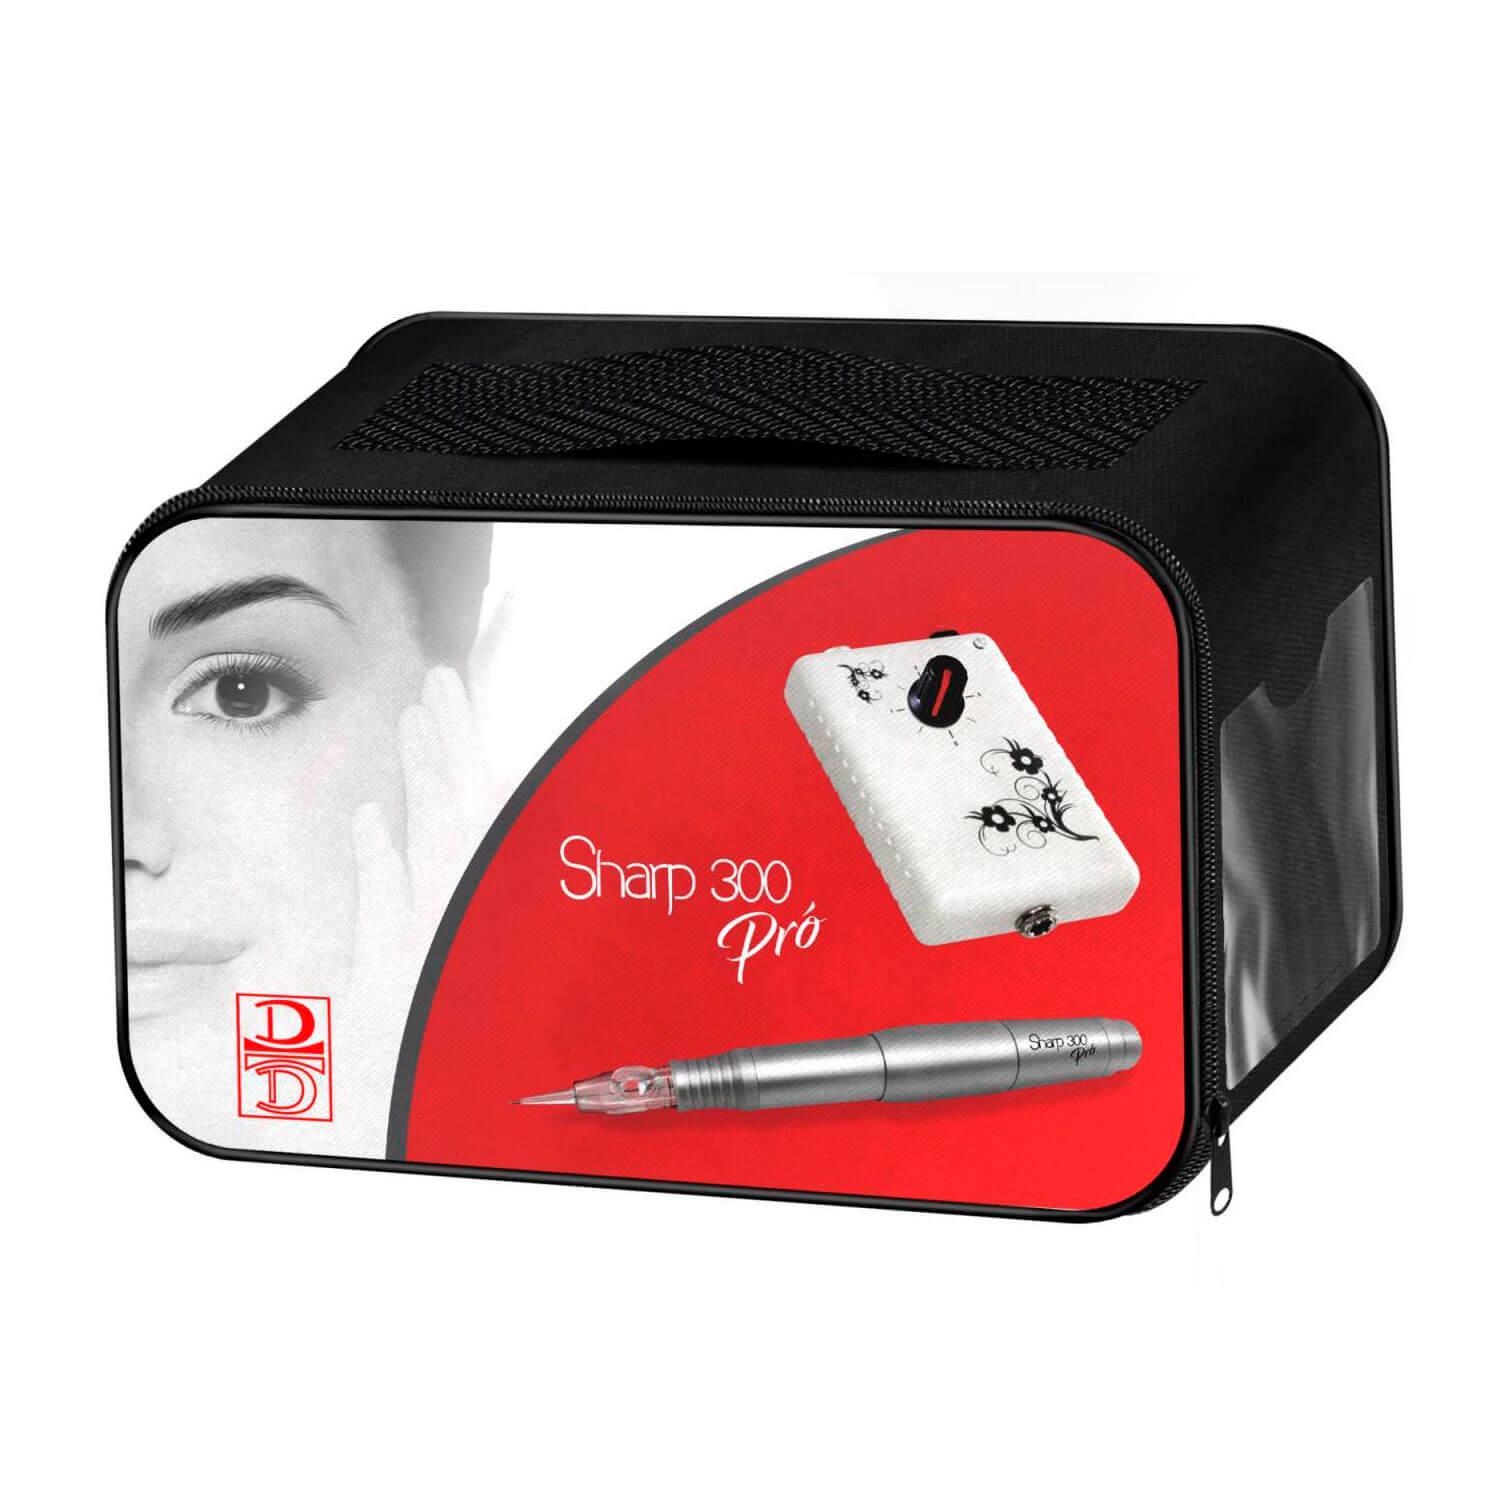 Dermógrafo Sharp 300 Pró Combo Com Controle Analógico